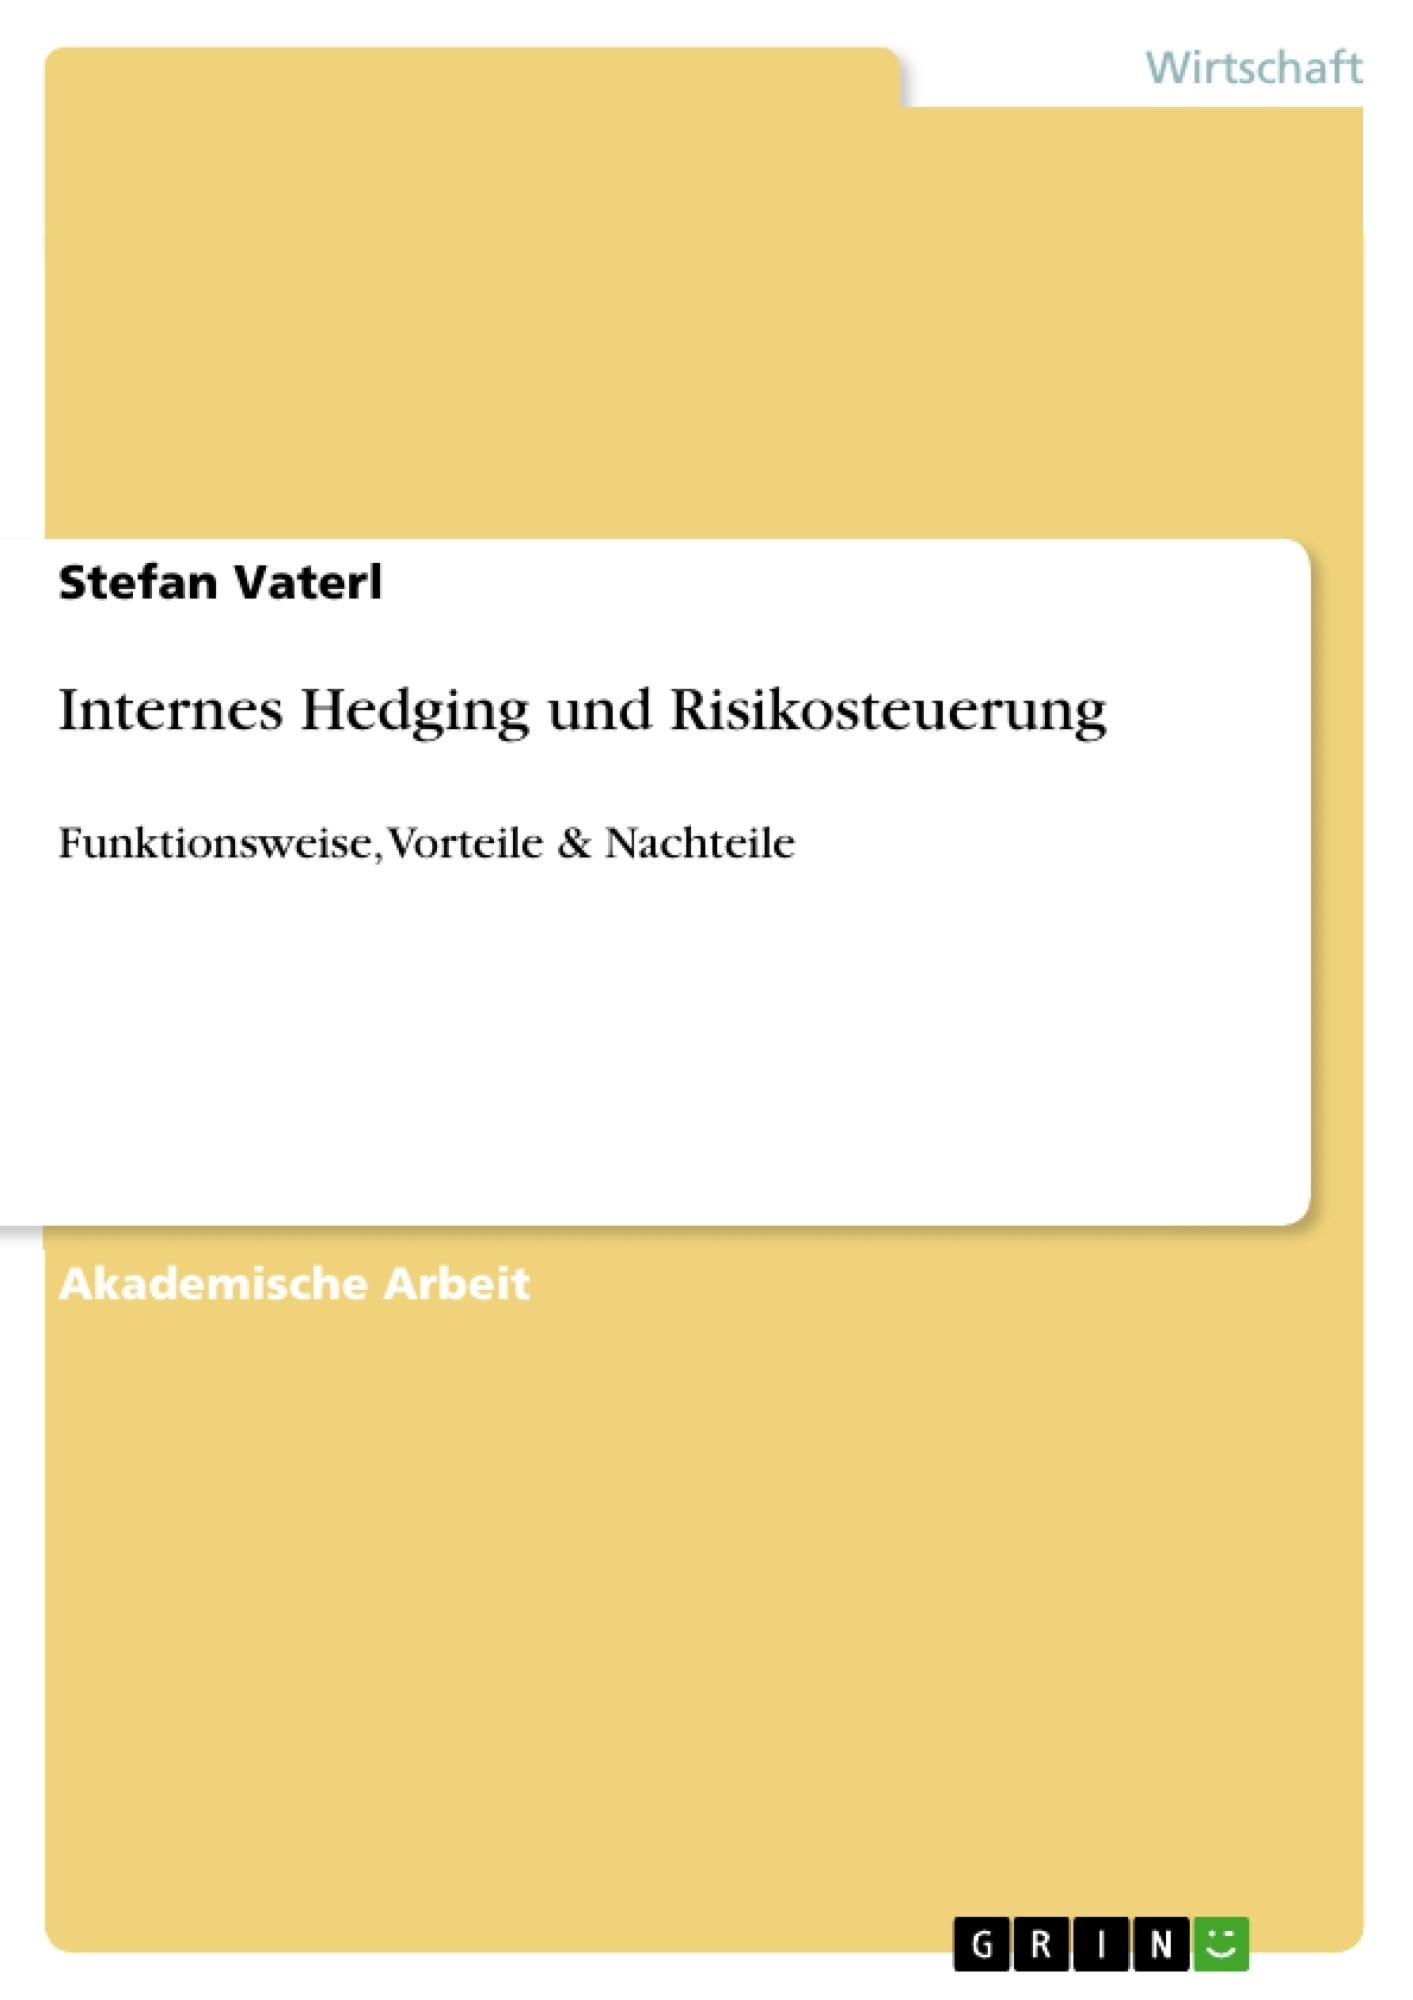 Titel: Internes Hedging und Risikosteuerung